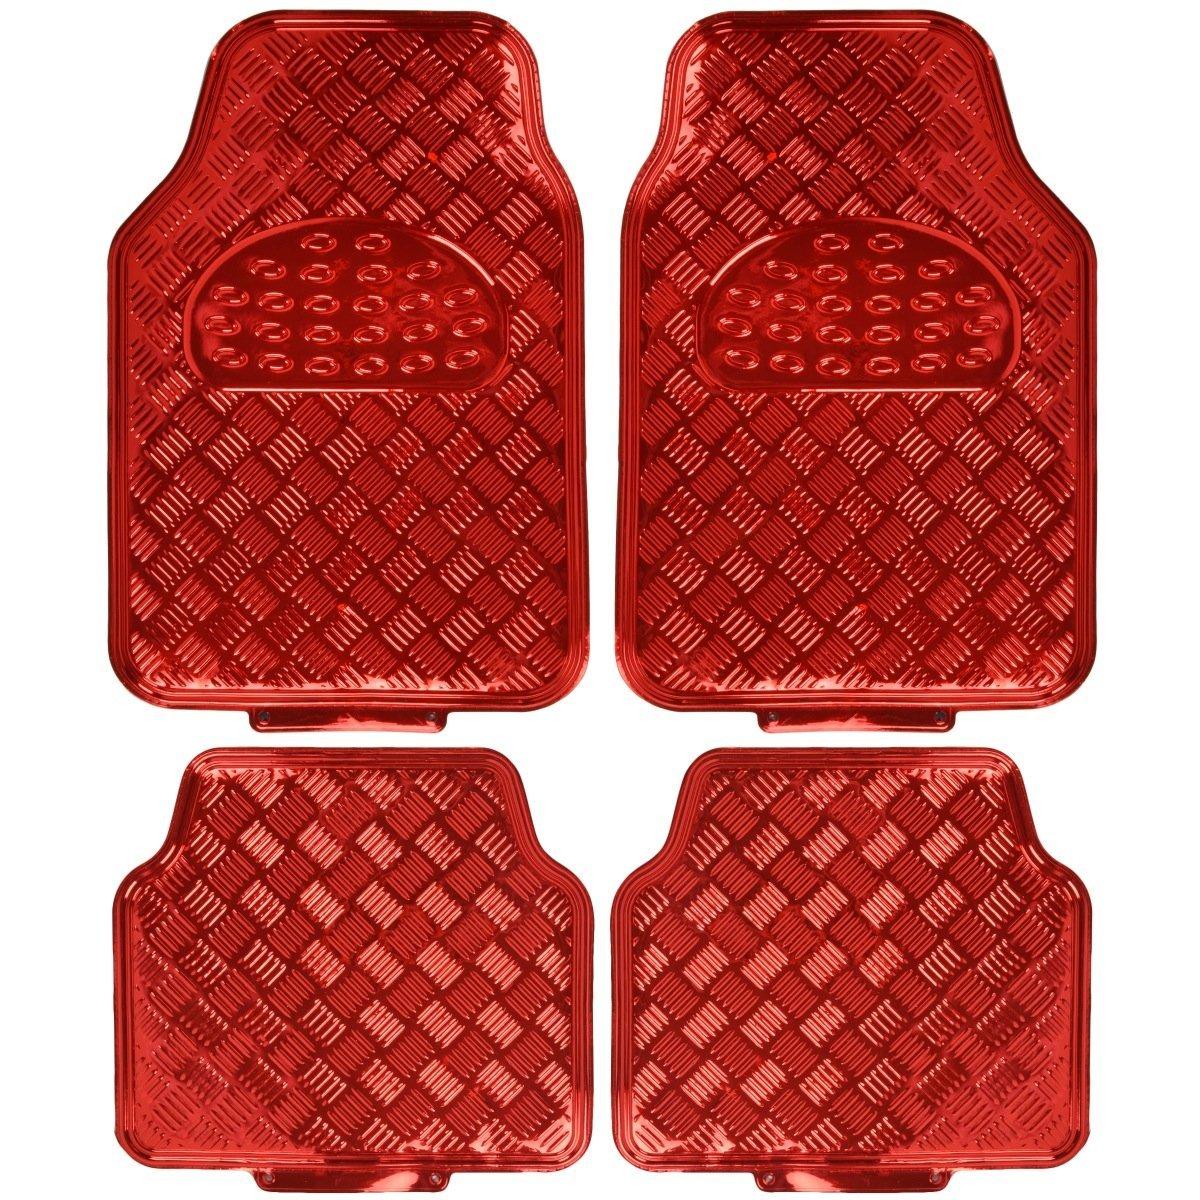 Rubber floor mats acura rdx - Categories